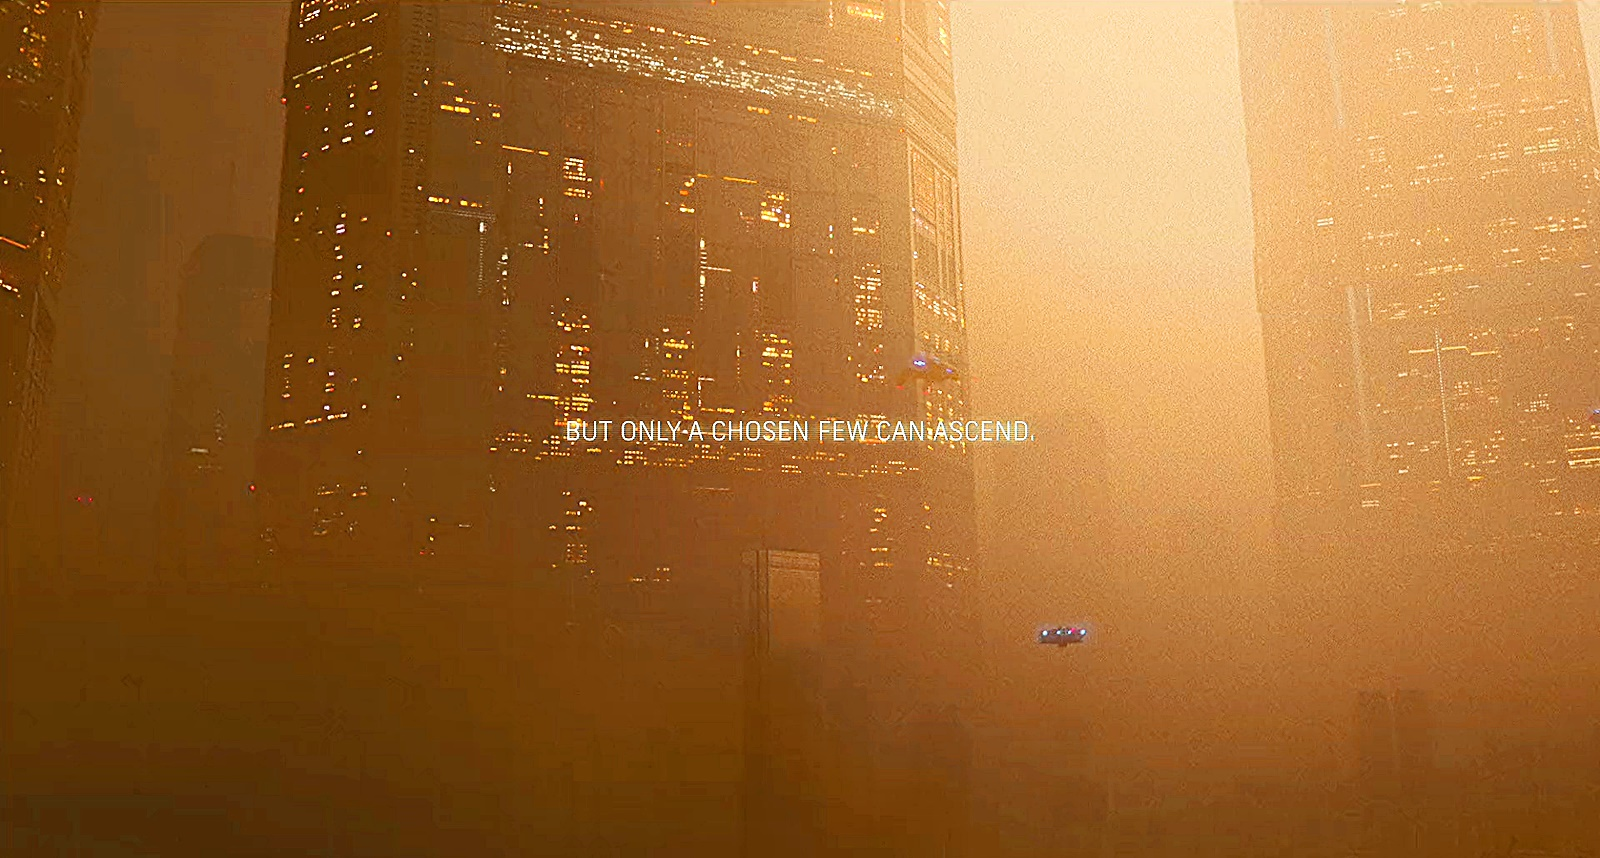 망한 지구의 63빌딩